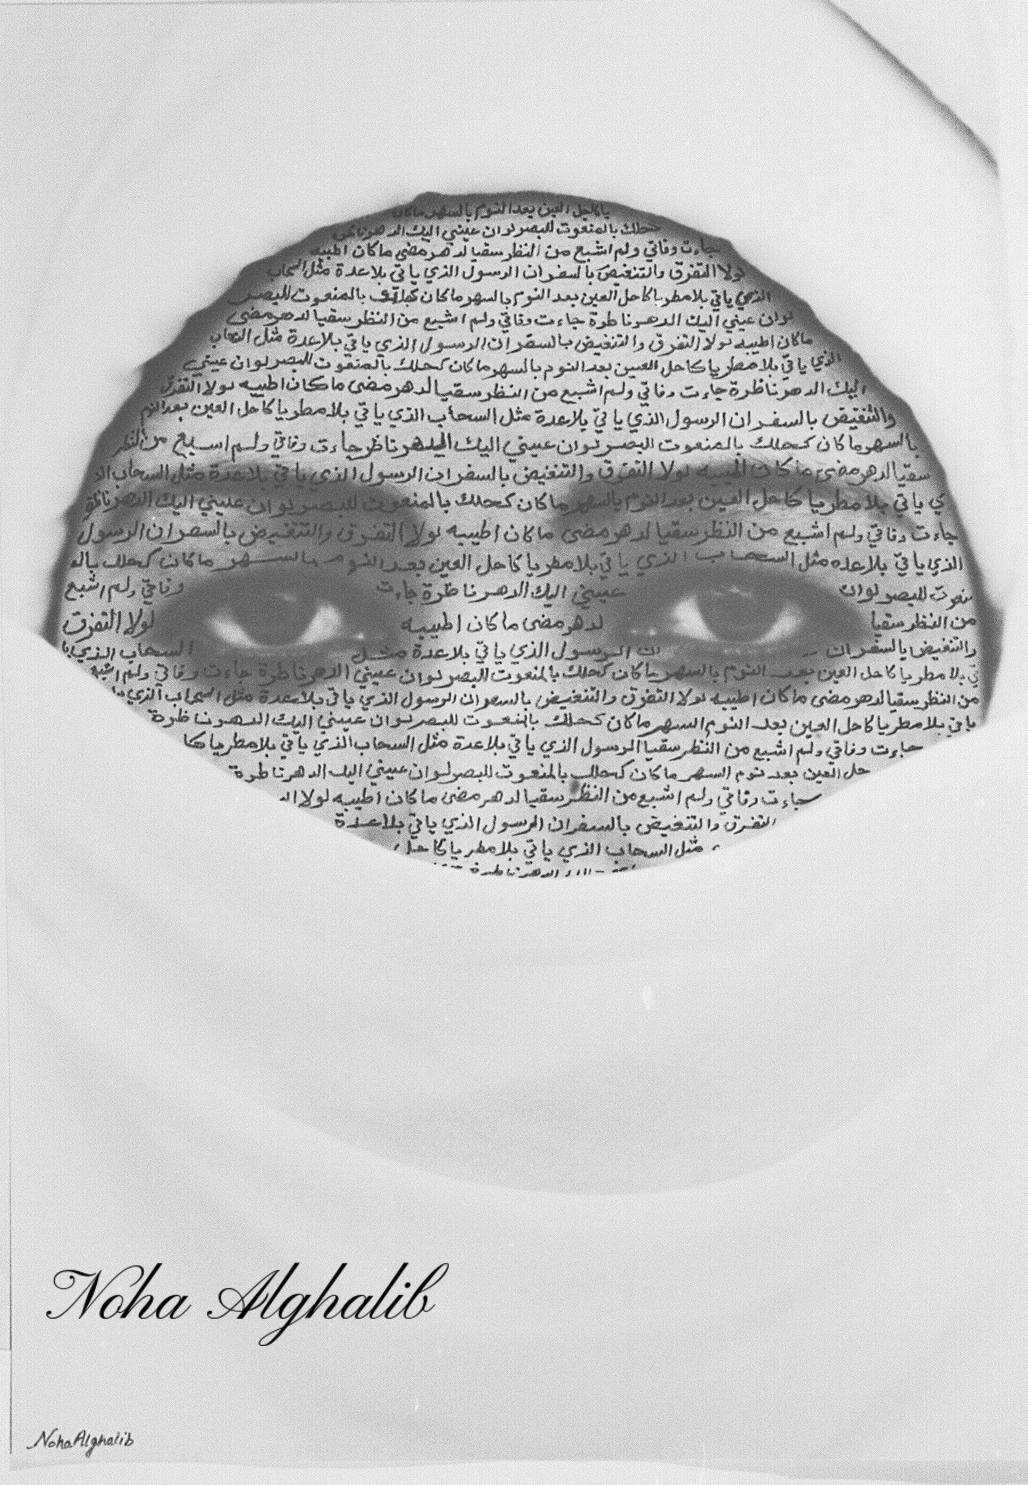 Poetry Imam Shafi'i